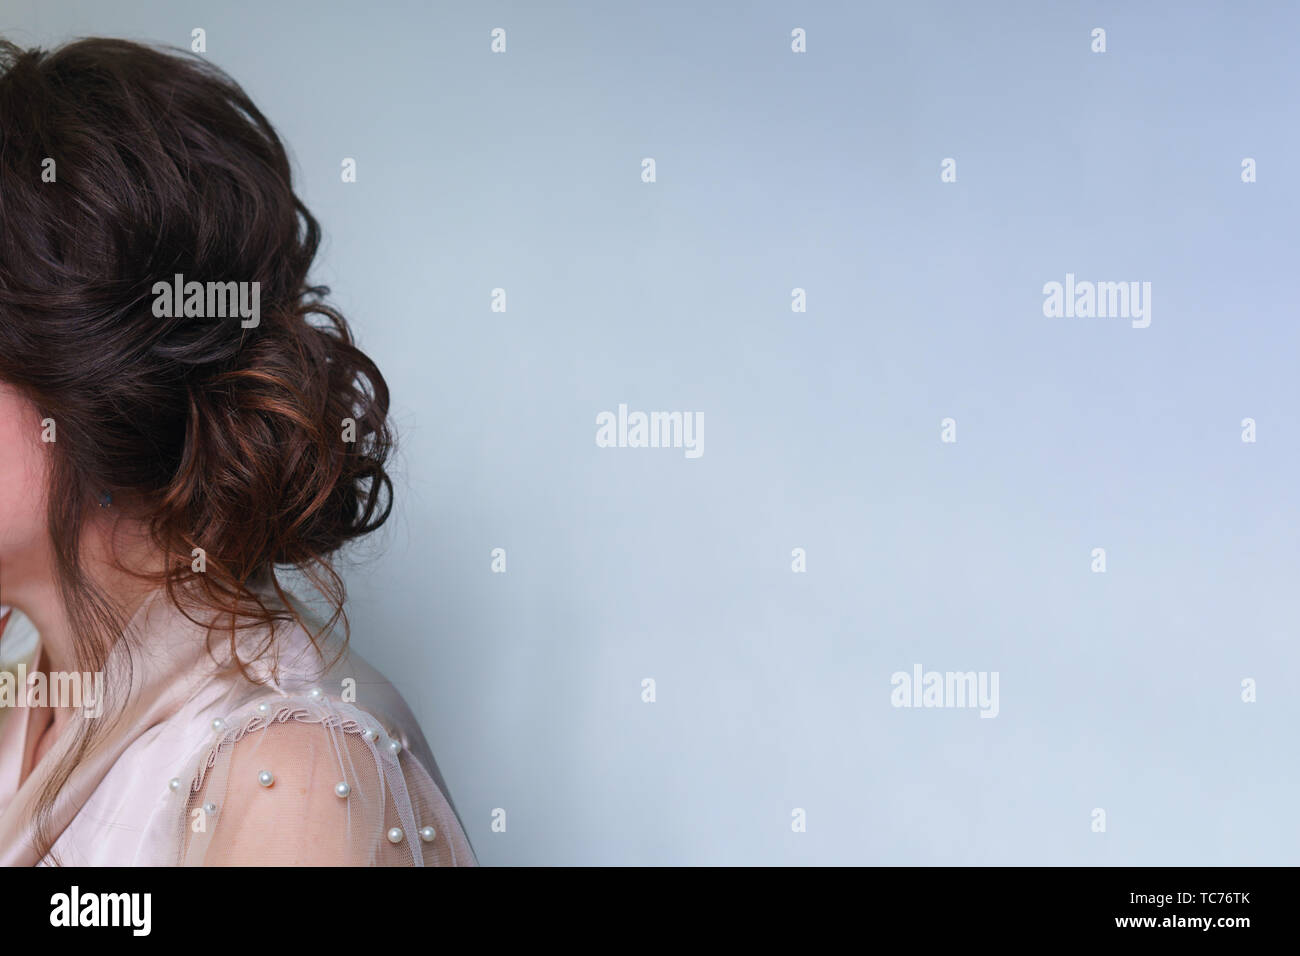 Lange Haare Frisur Ombre Styling Im Beauty Salon Von Der